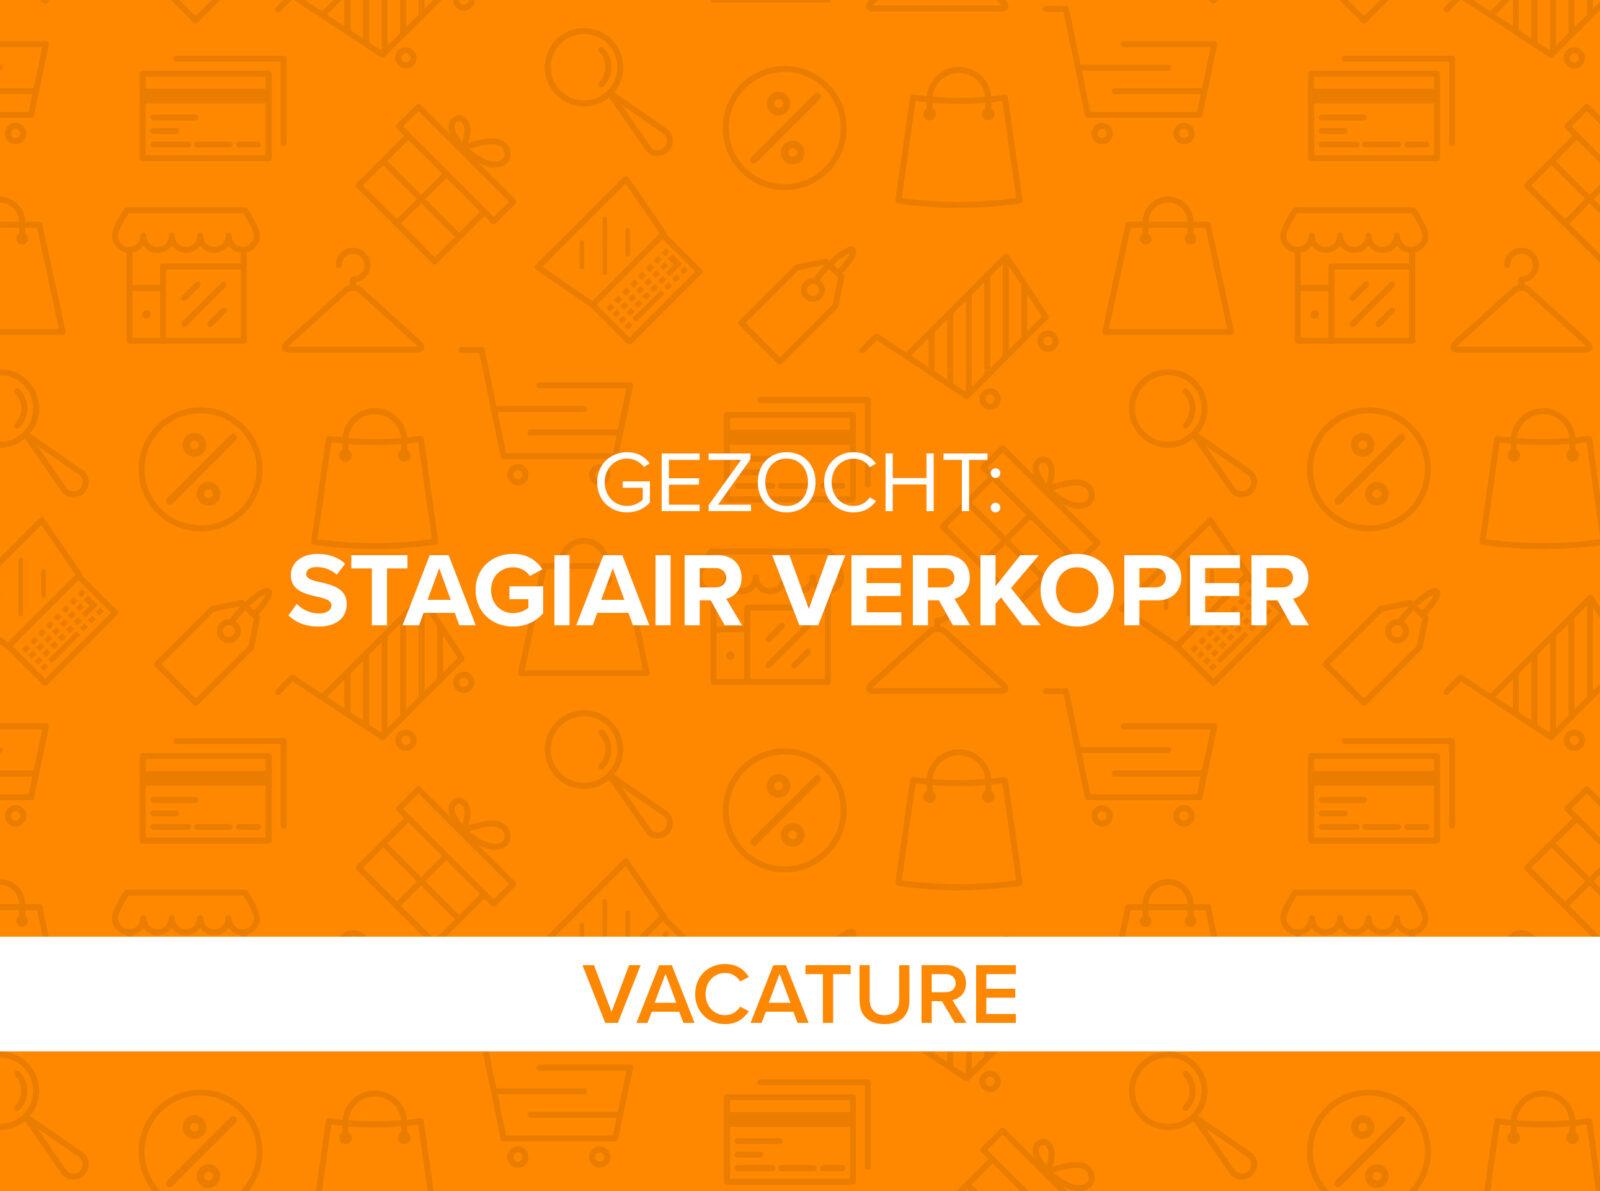 Stagiair verkoper Veenendaal gezocht